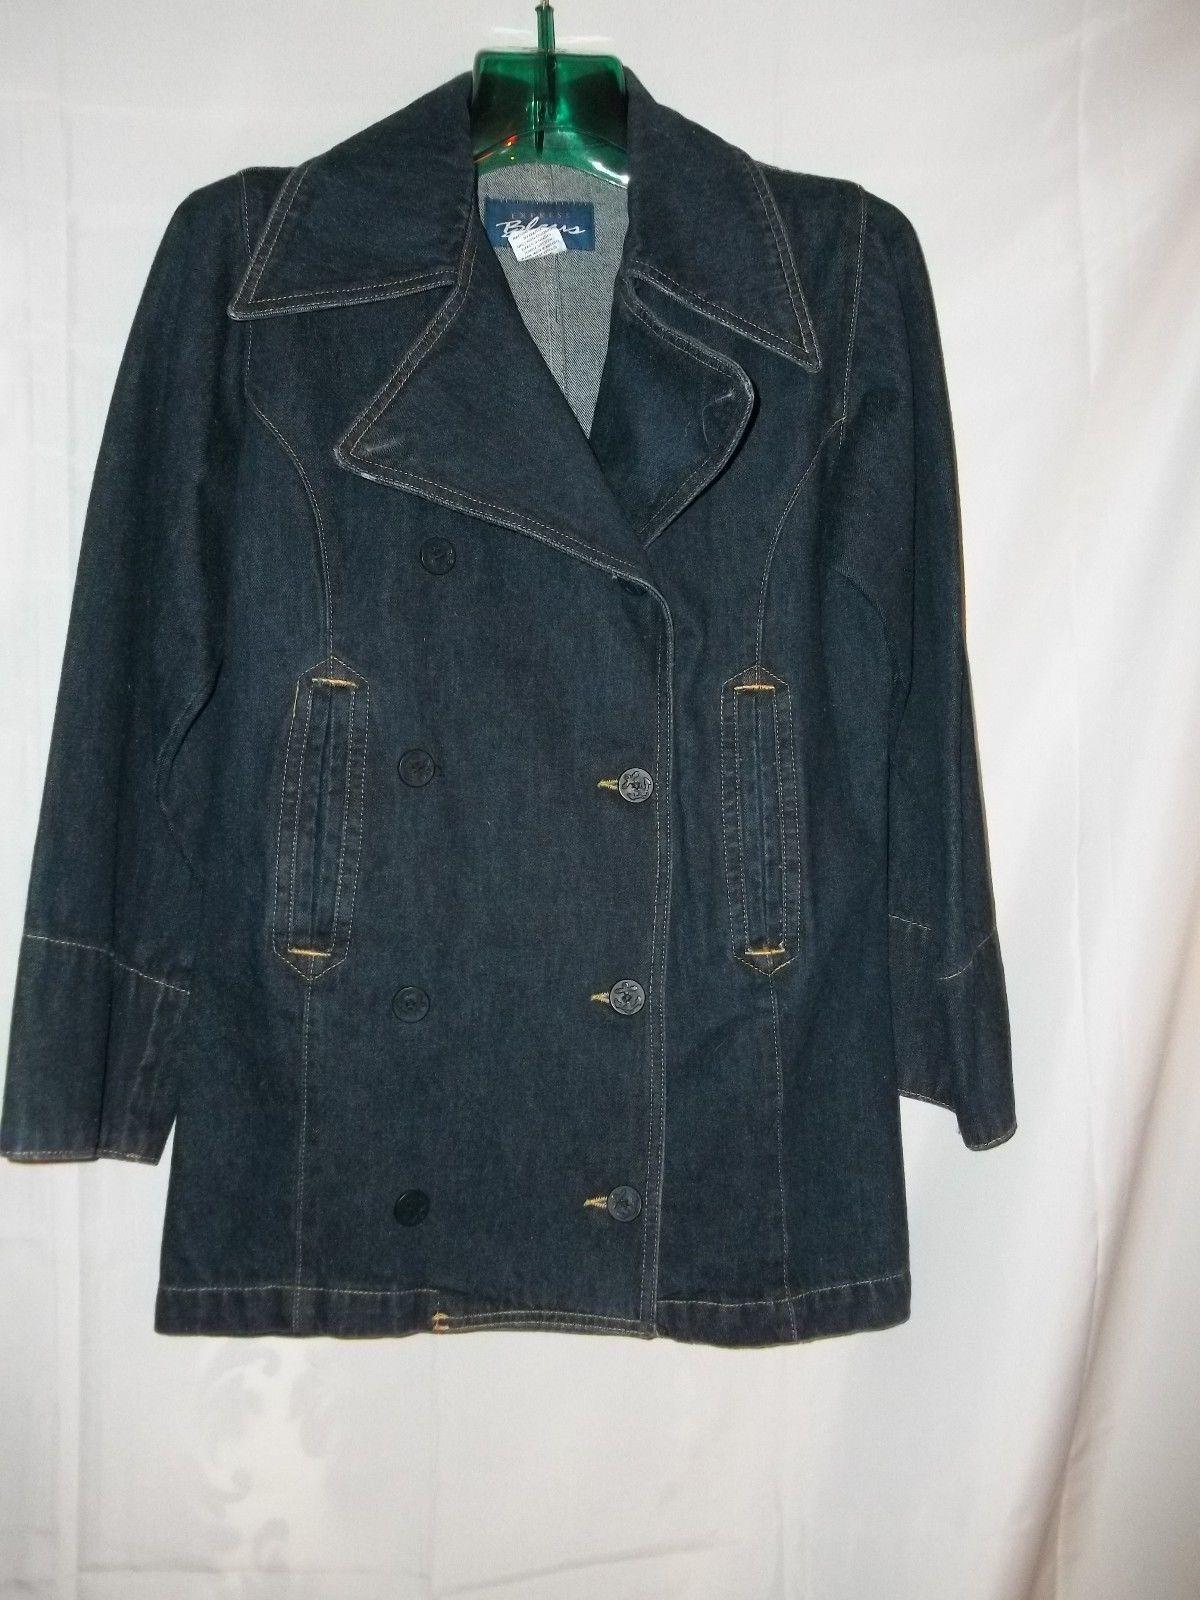 Size Size S Express Bleus Anchor Buttons Blue Jean Pea Coat Jacket